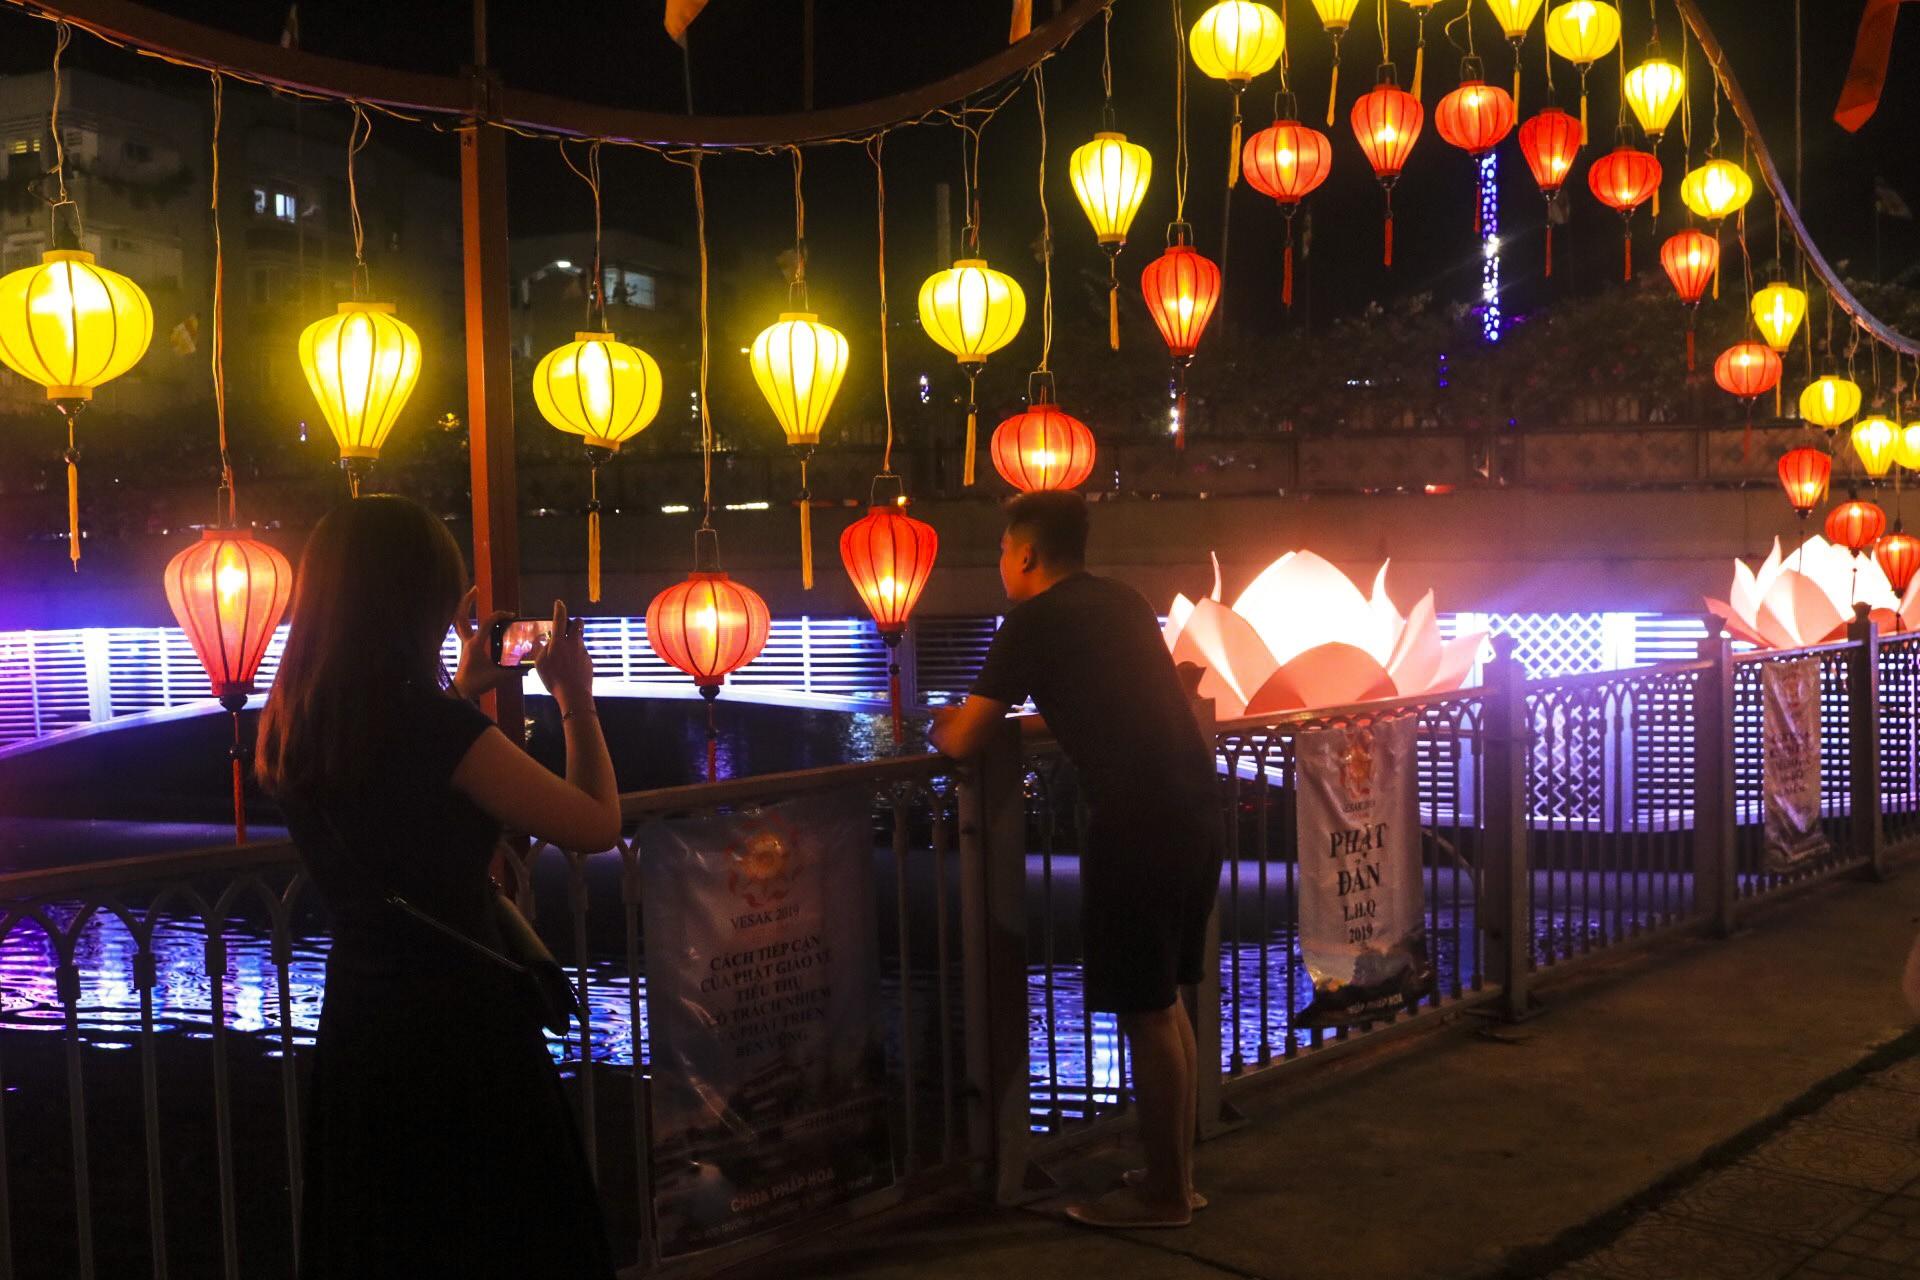 Ngắm vẻ lung linh của chùa Pháp Hoa trước Đại lễ Phật Đản Vesak 2019 - Ảnh 7.